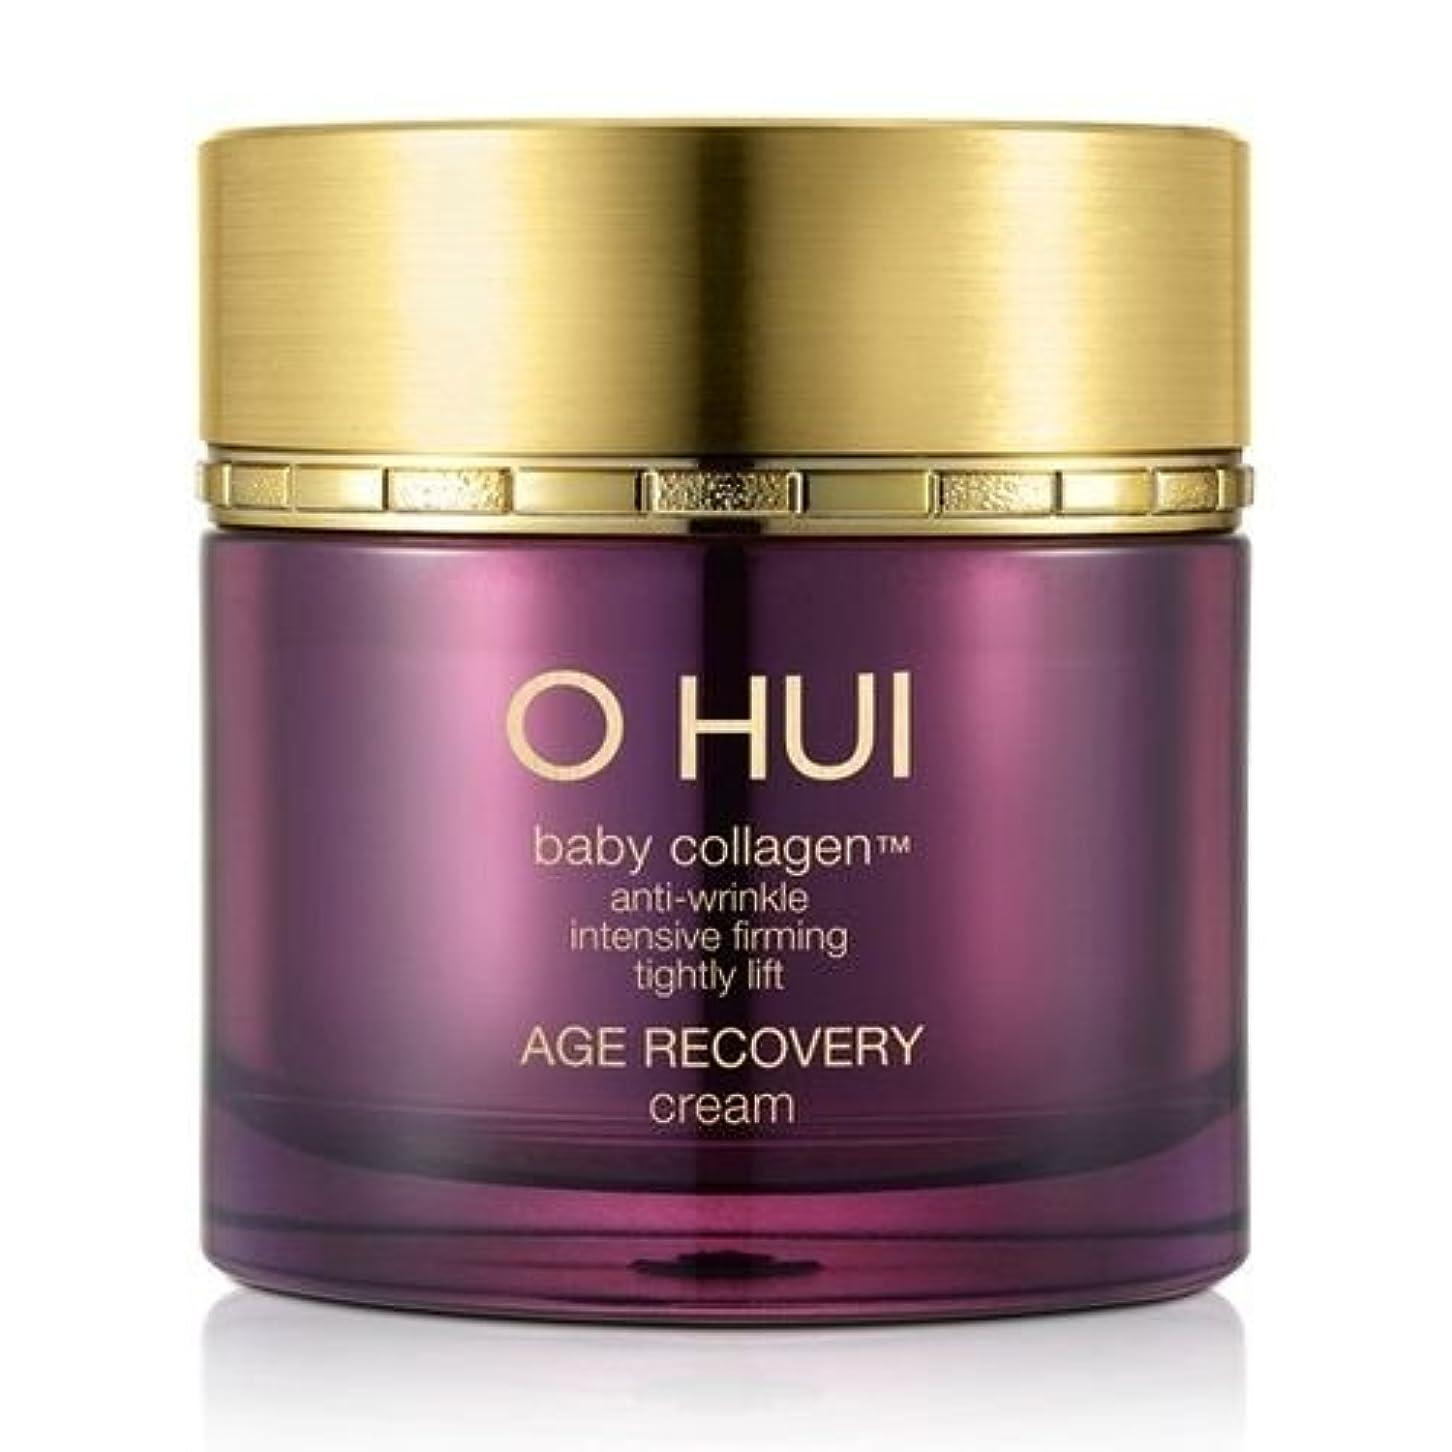 アフリカ勉強するベンチャーOHUI Age recovery Cream 50ml シワ改善機能性化粧品 [並行輸入品]